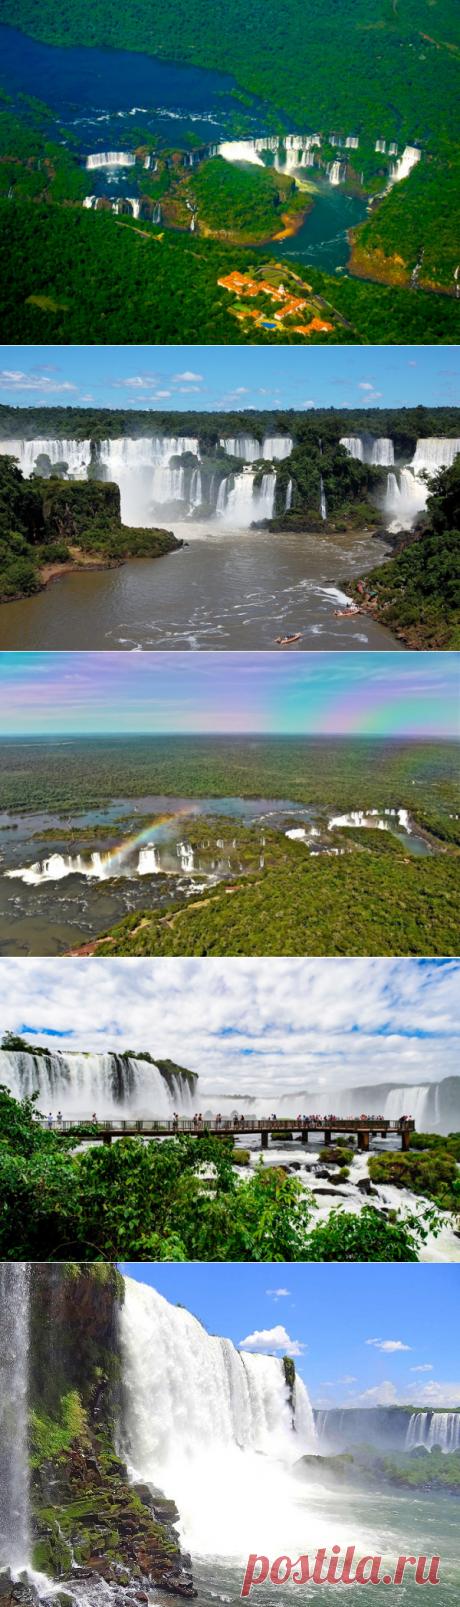 Las cascadas de Iguasu